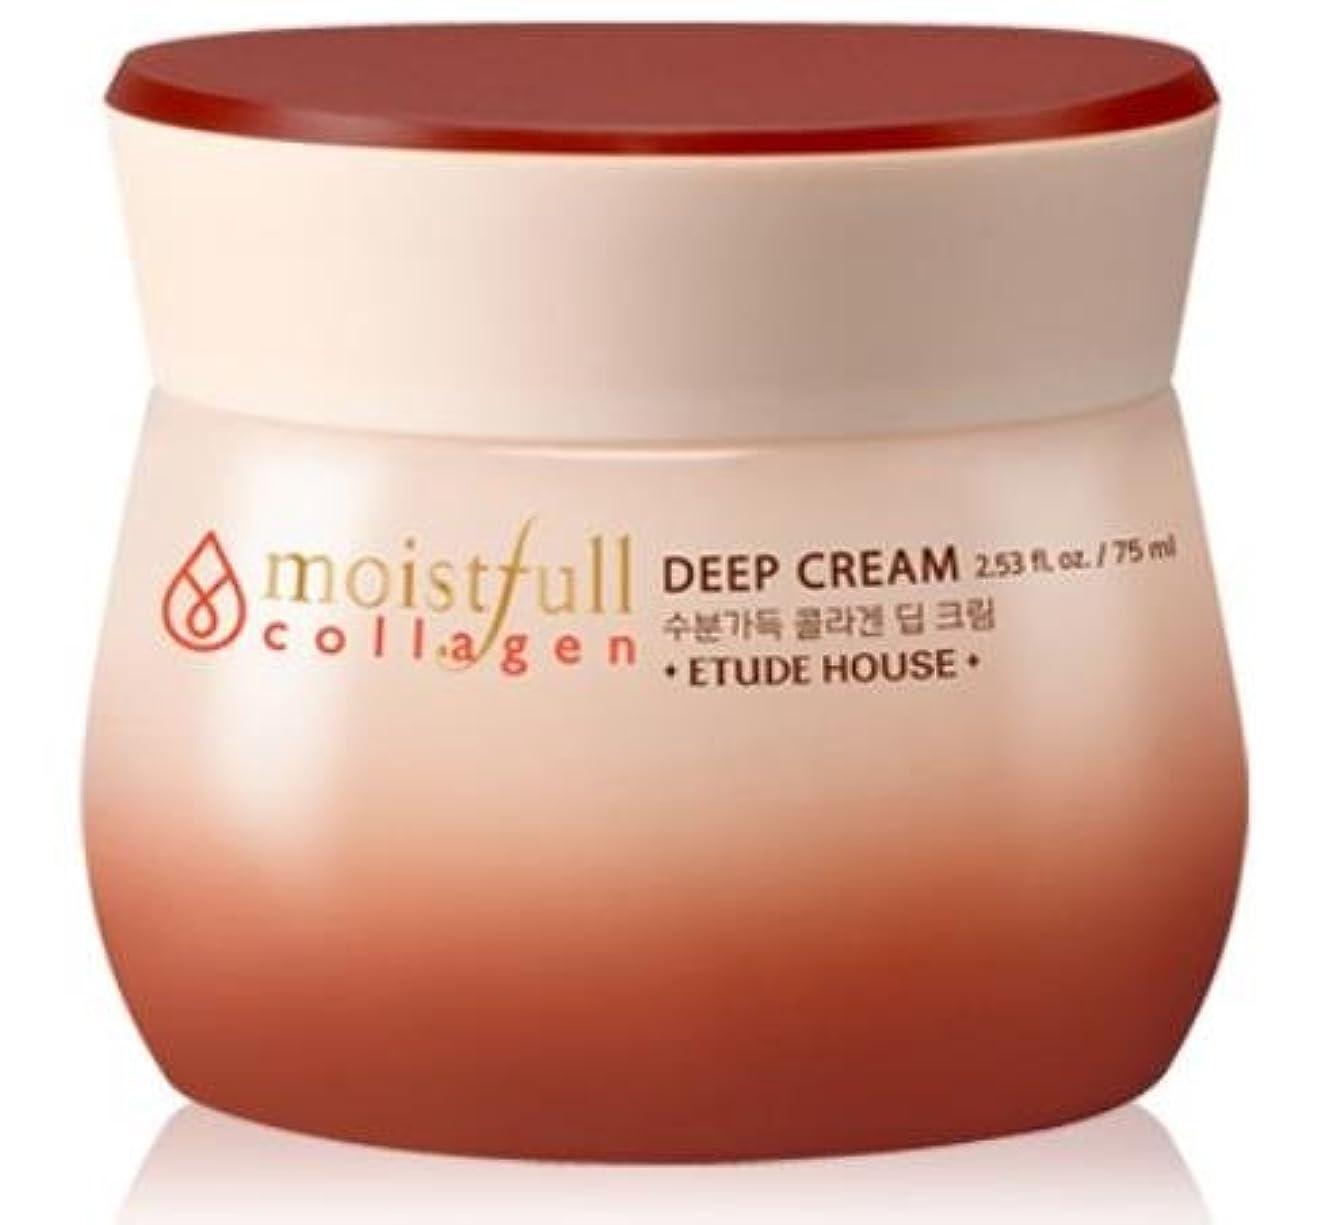 遅いフロンティアお勧め[エチュードハウス] ETUDE HOUSE [モイストフルコラーゲ 深いクリーム] (Moistfull Collagen Deep Cream) [並行輸入品]